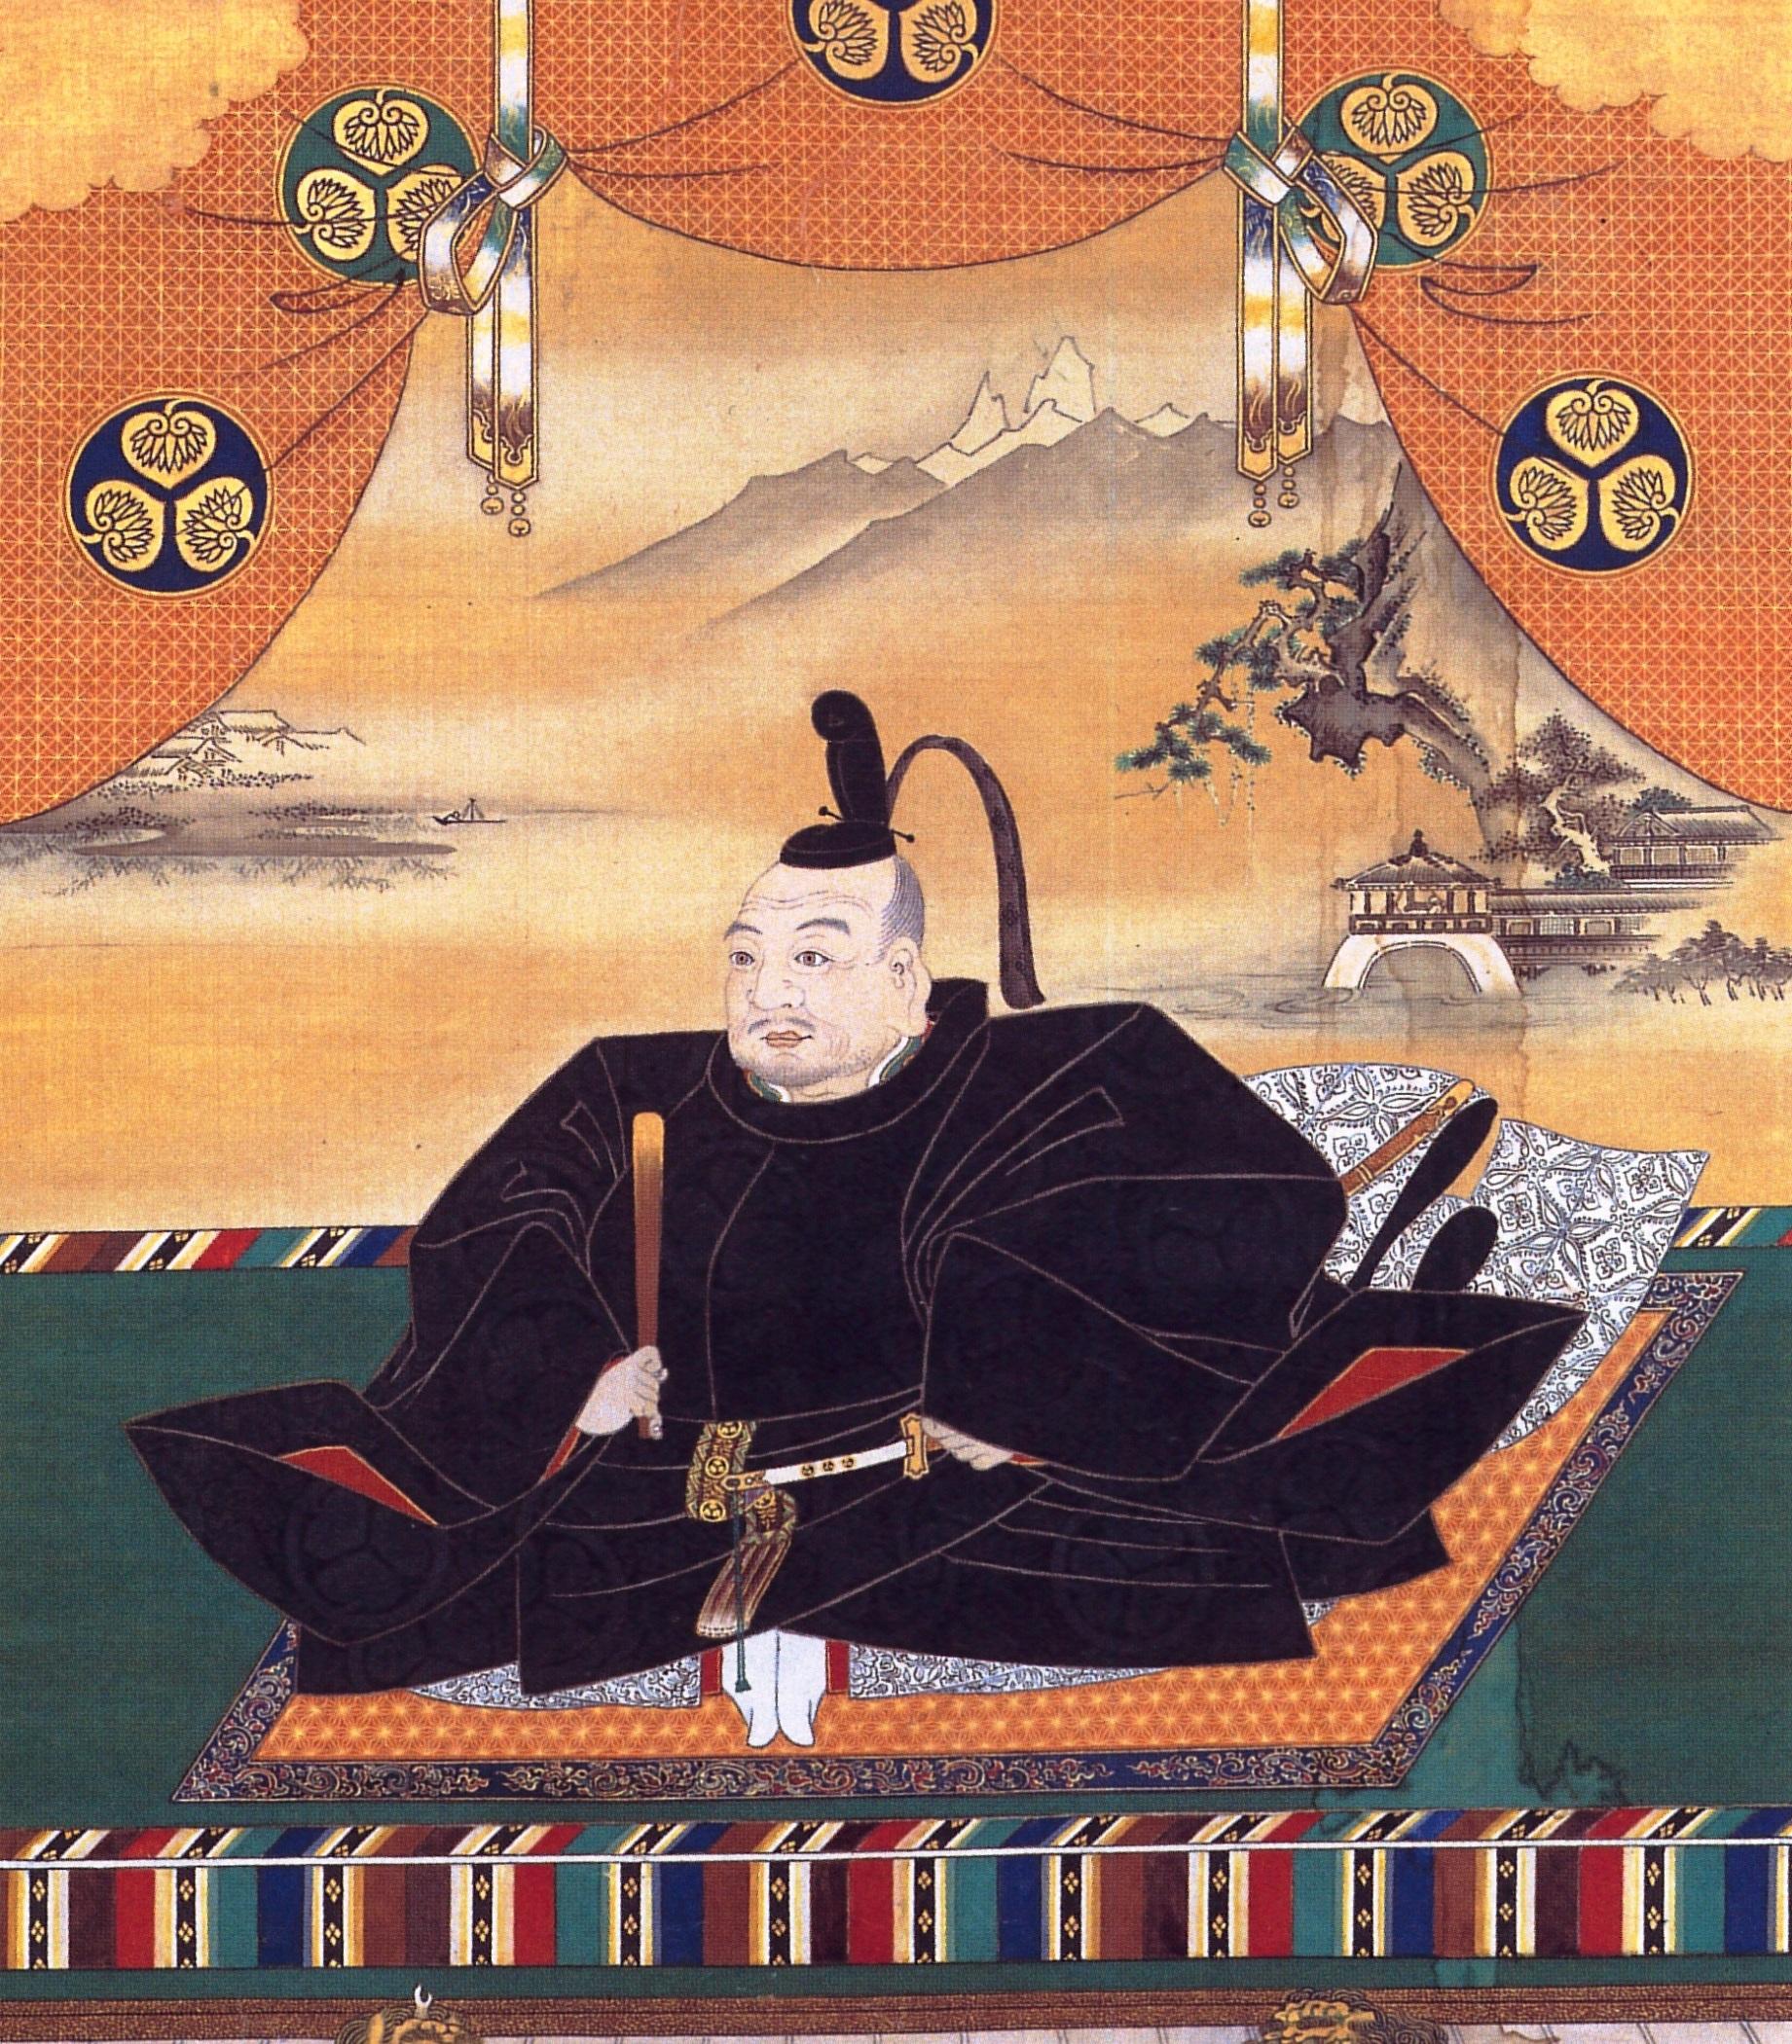 Tokugawa_Ieyasu.jpg